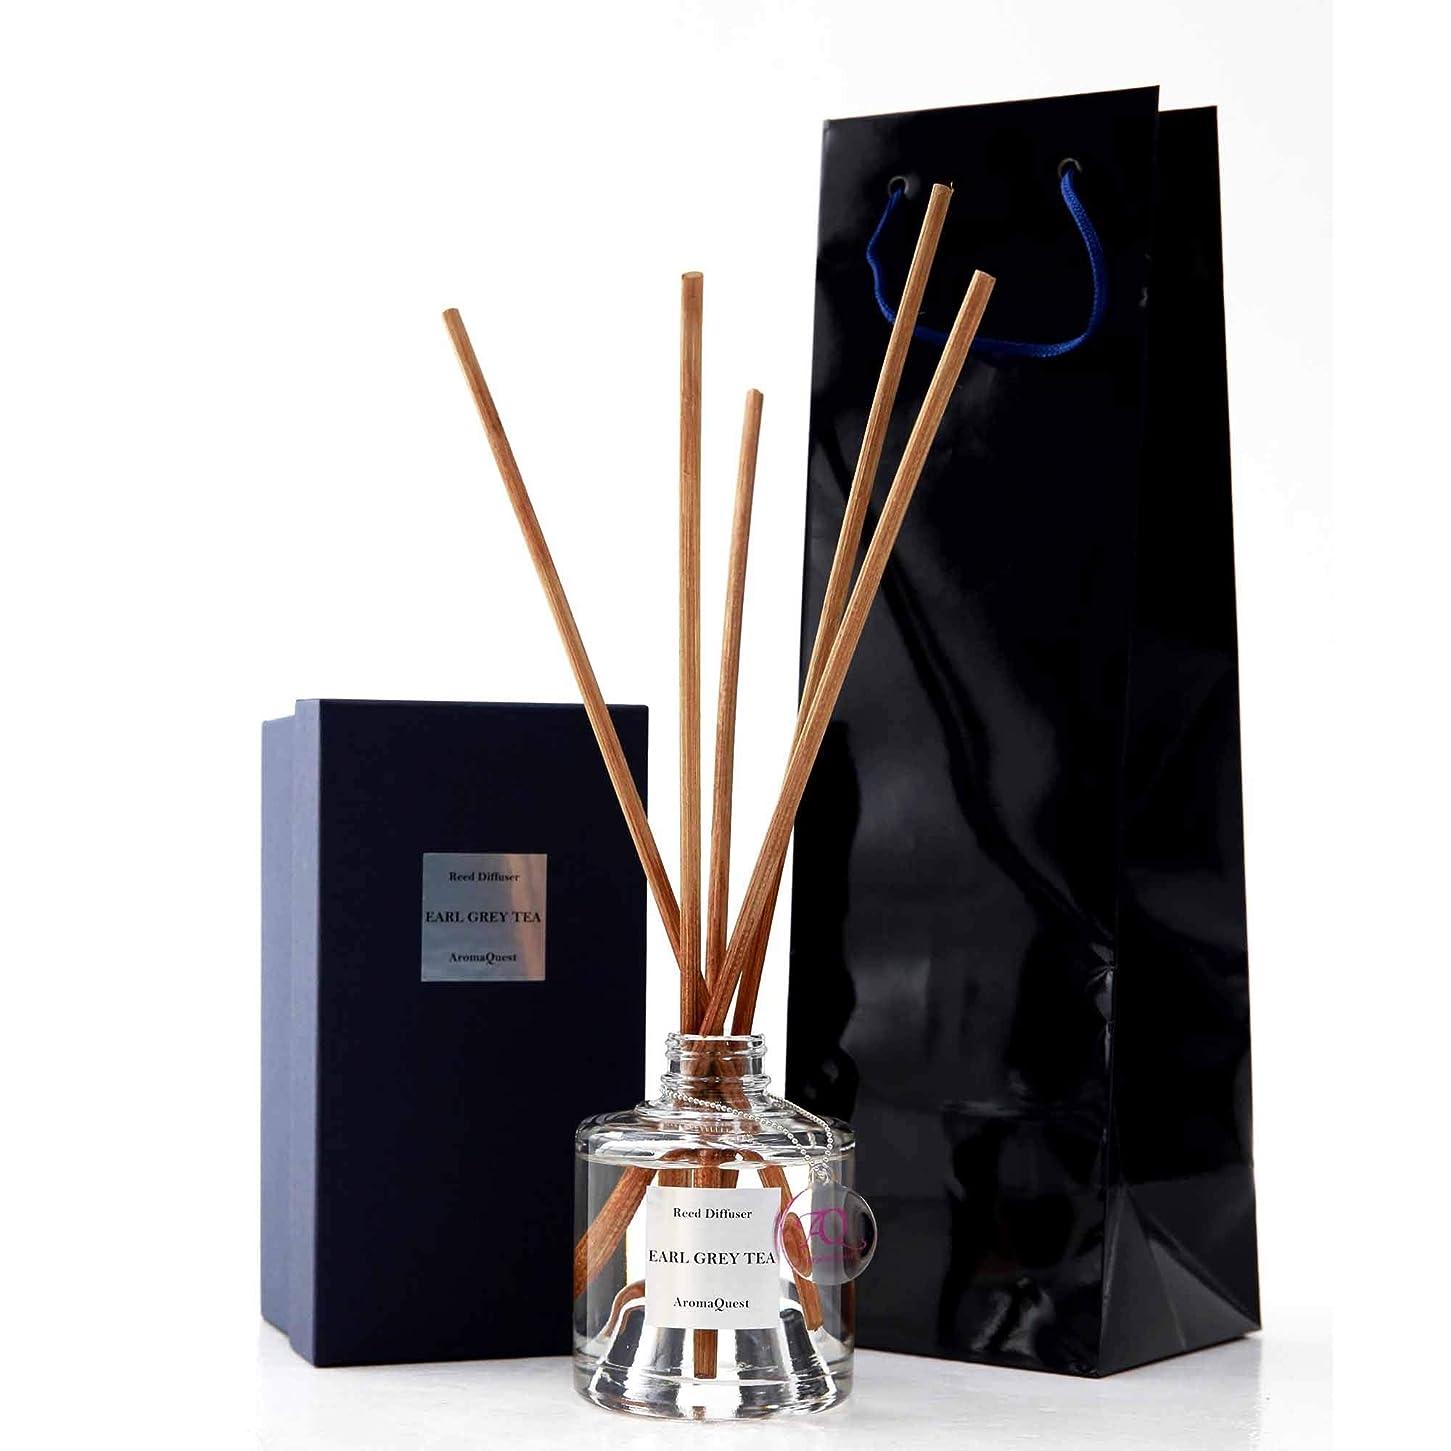 クロール狐五ルームフレグランス リードディフューザー アロマディフューザー 150ml アールグレイティー EARL GREY TEA 紅茶の香り